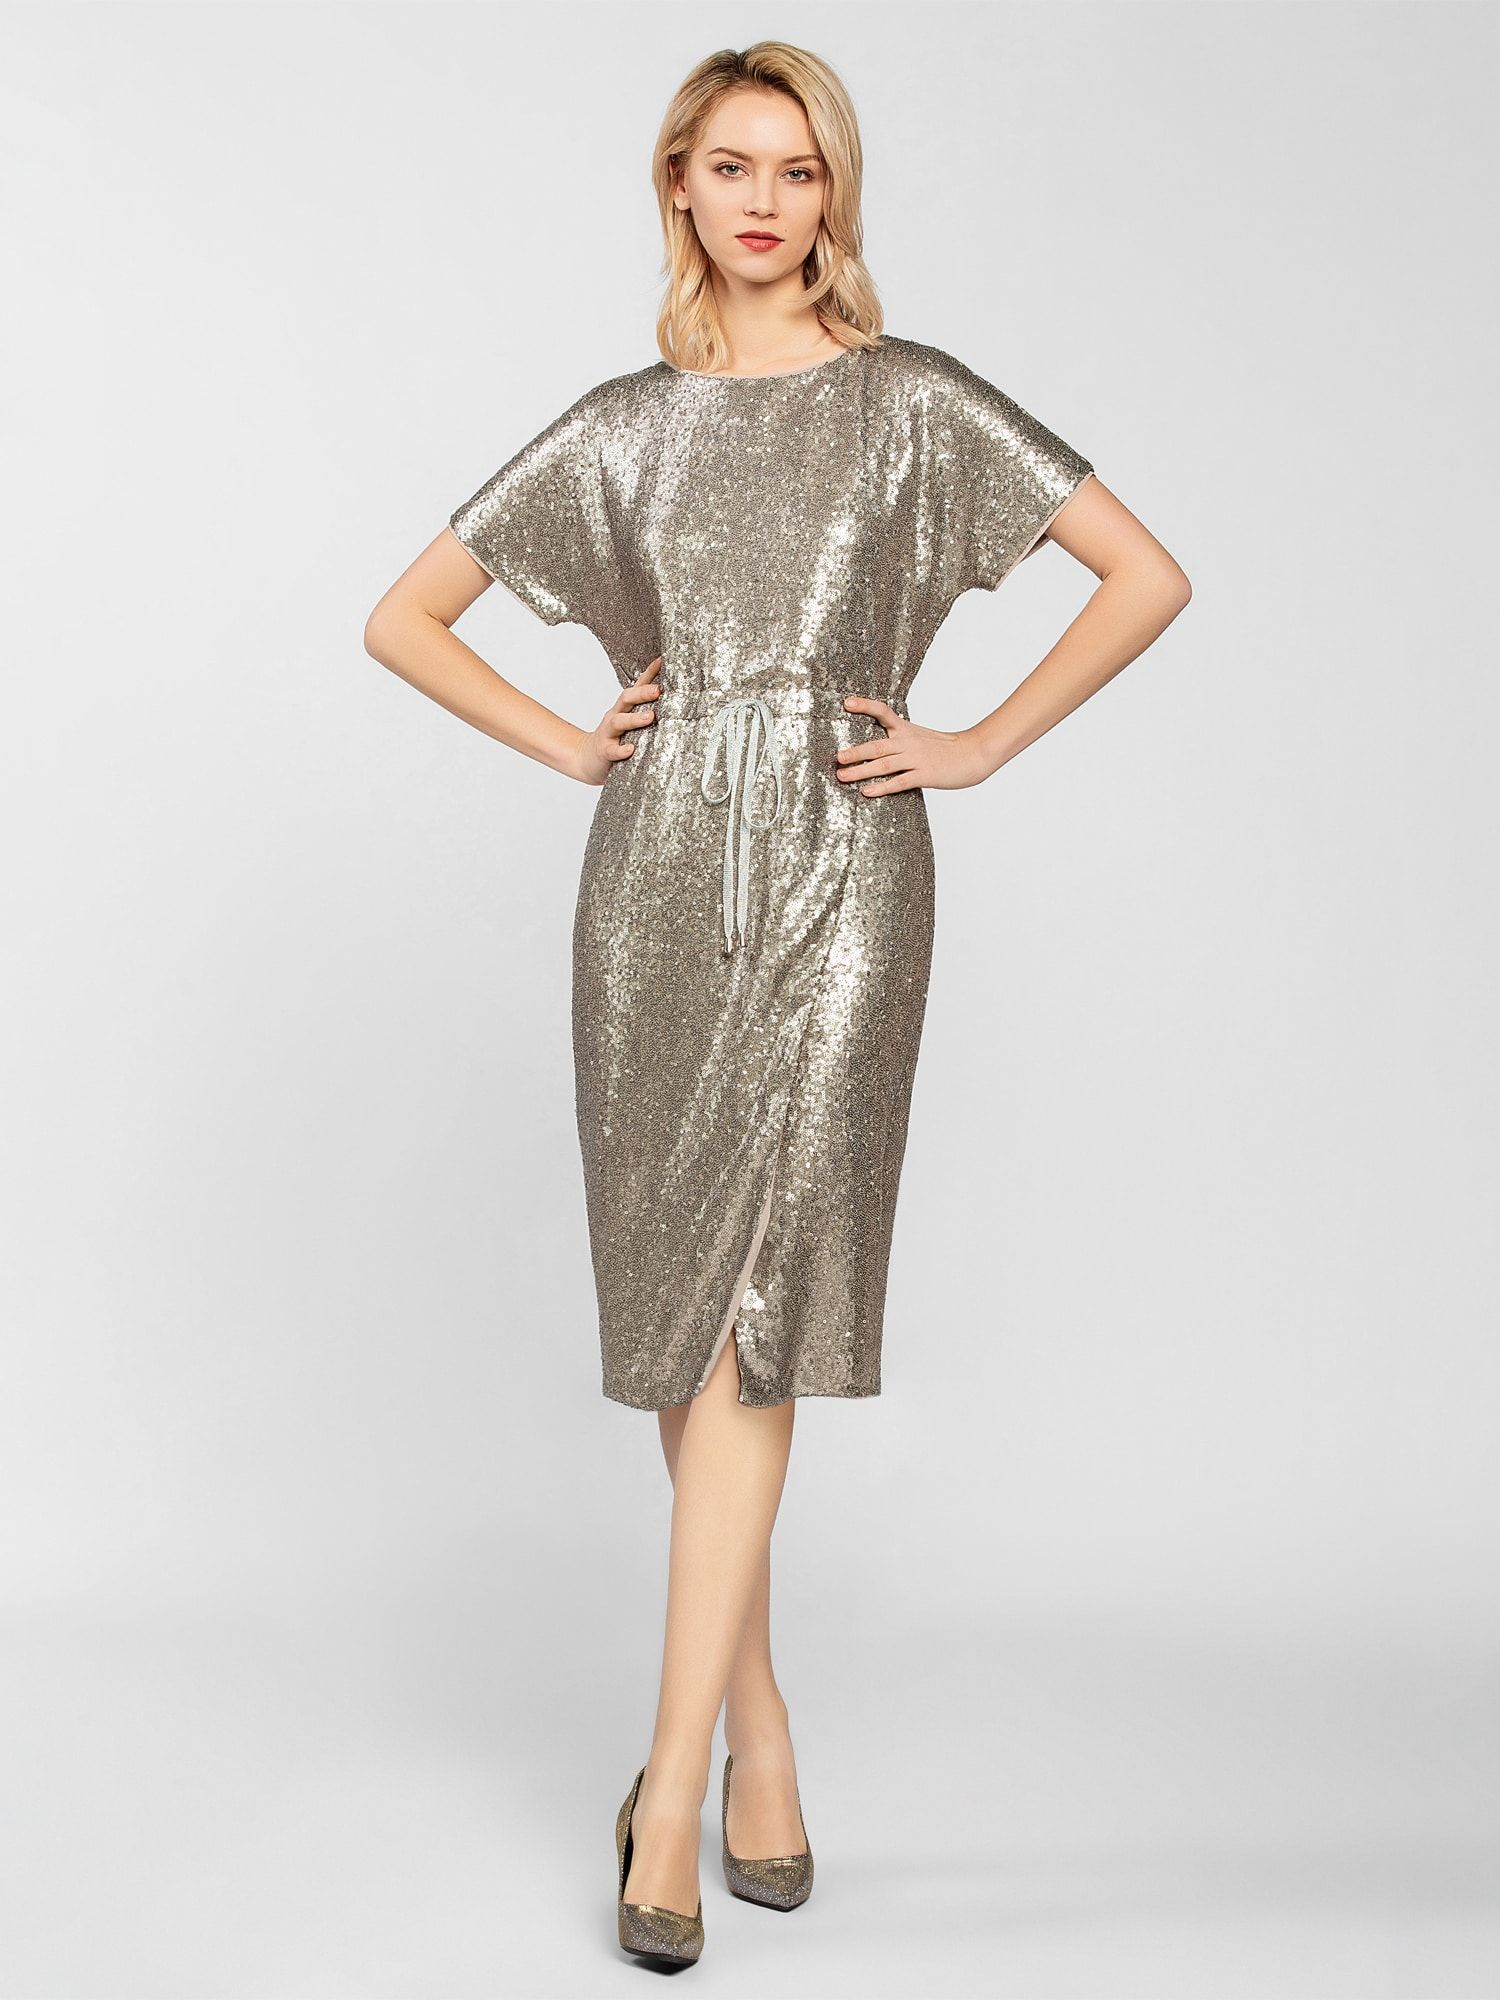 APART Paillettenkleid Damen, Silber, Größe 20  Pailletten kleid